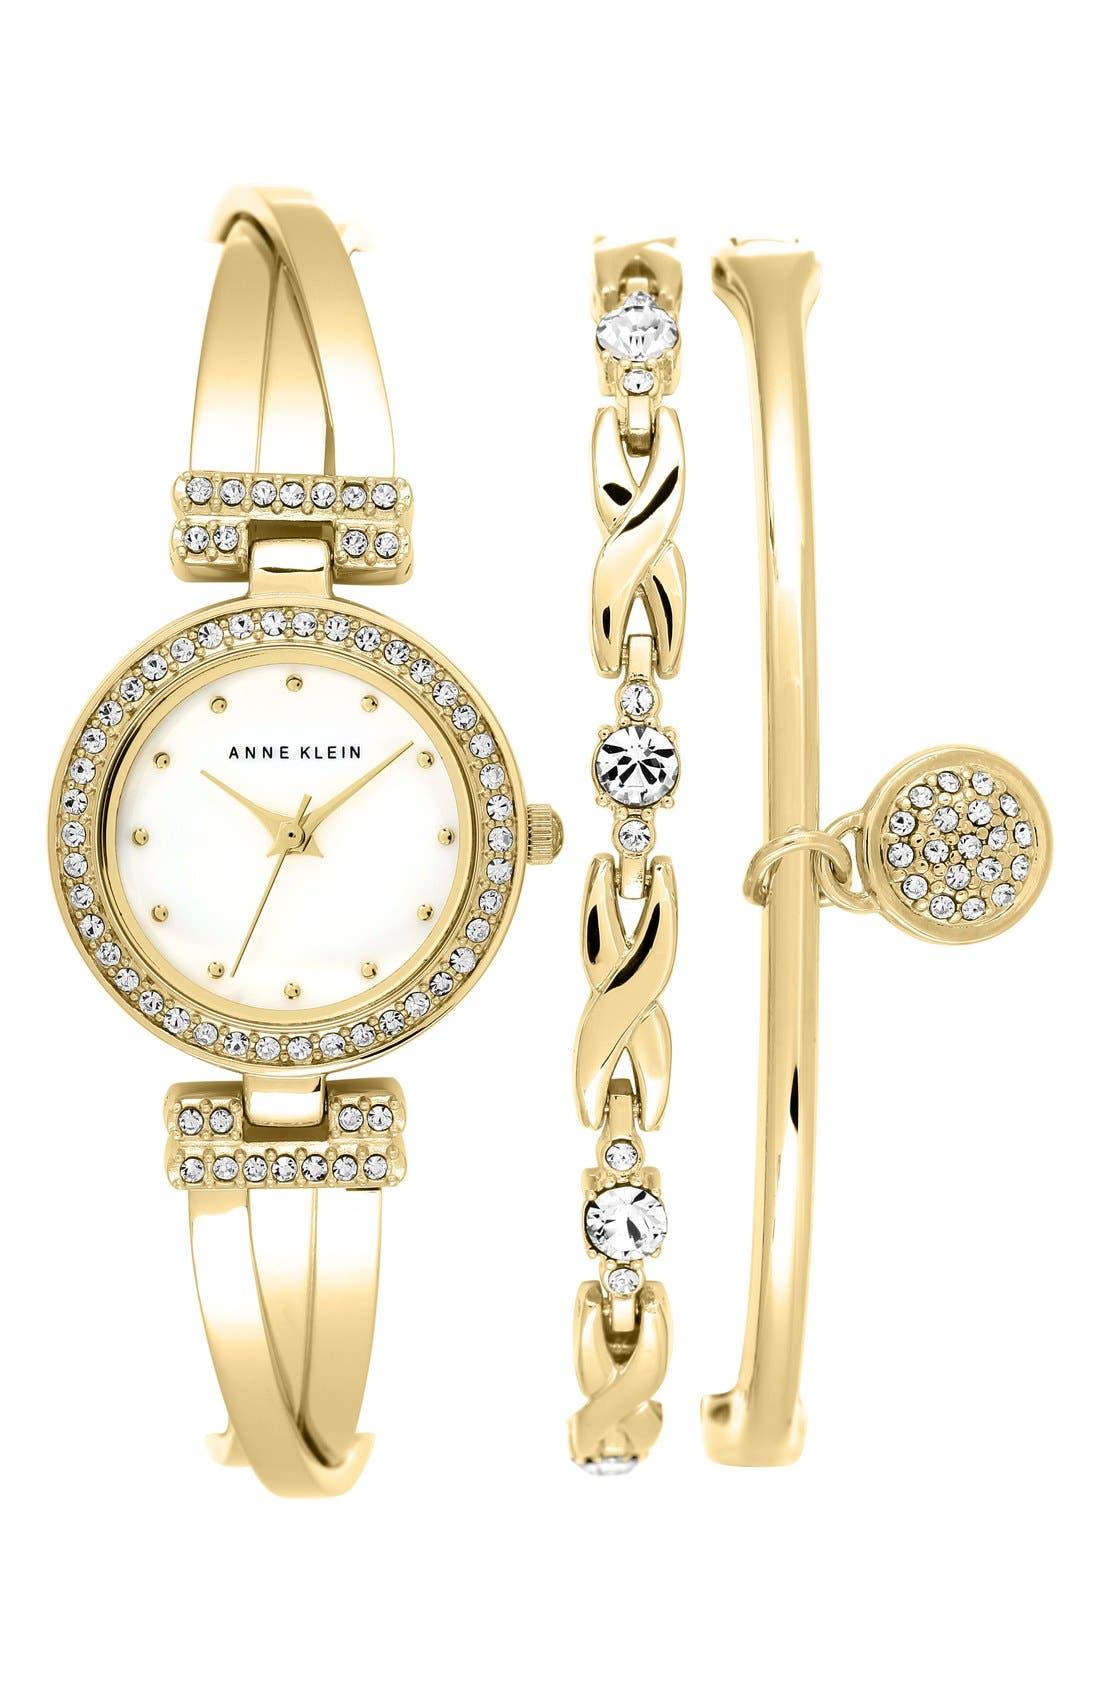 ANNE KLEIN Watch & Bangles Set, 24mm